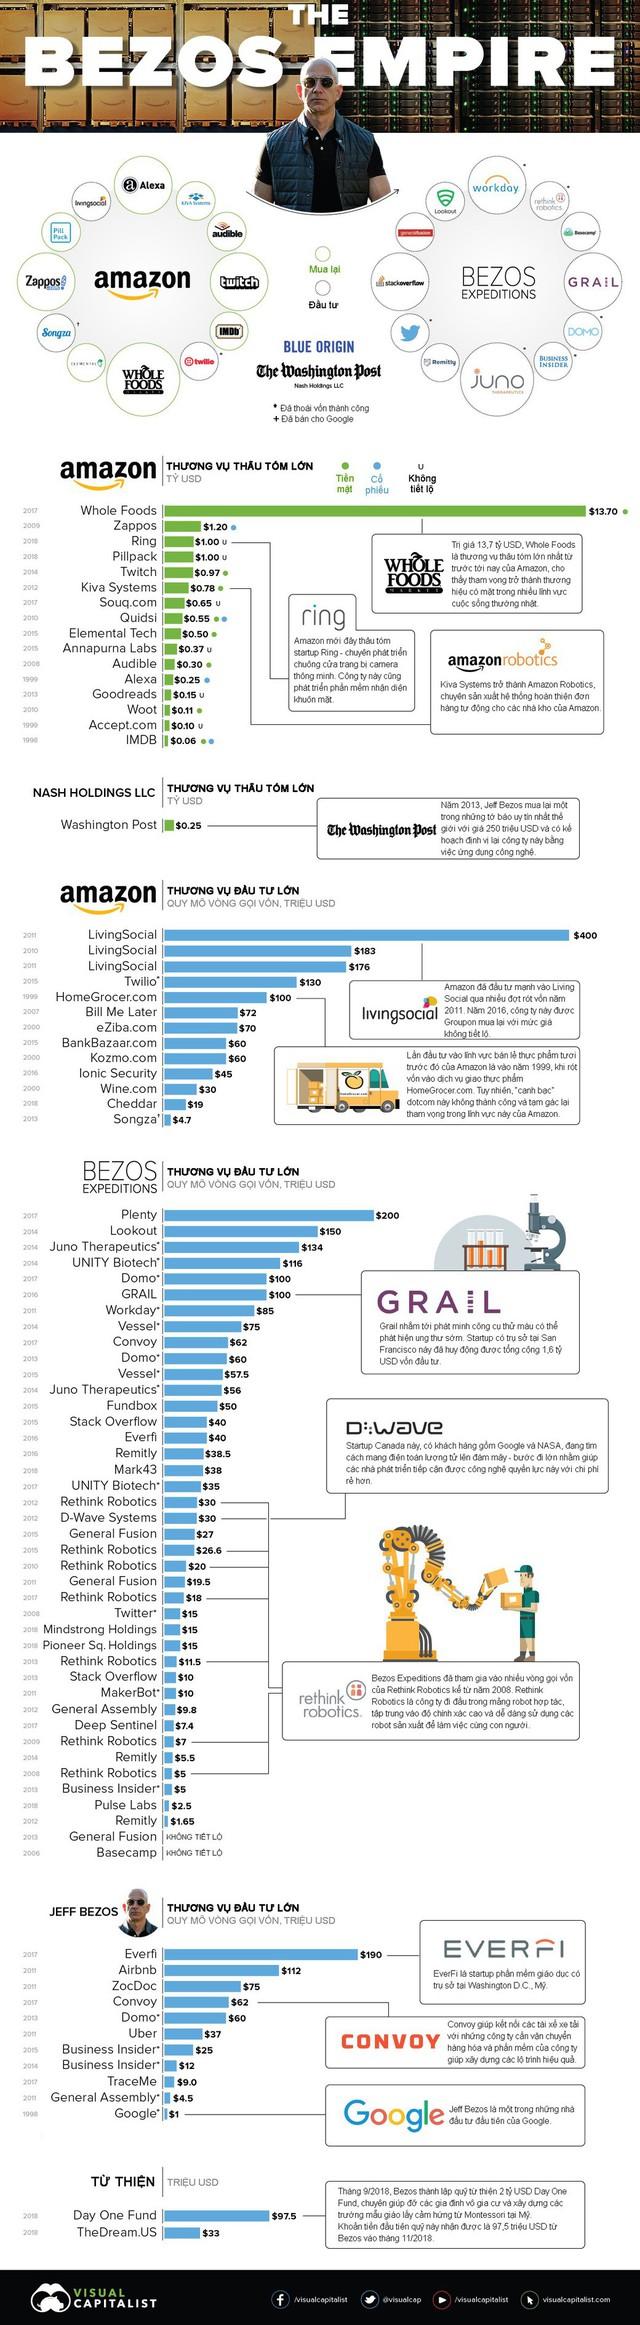 Đế chế khổng lồ của tỷ phú Jeff Bezos gồm những gì? - Ảnh 1.